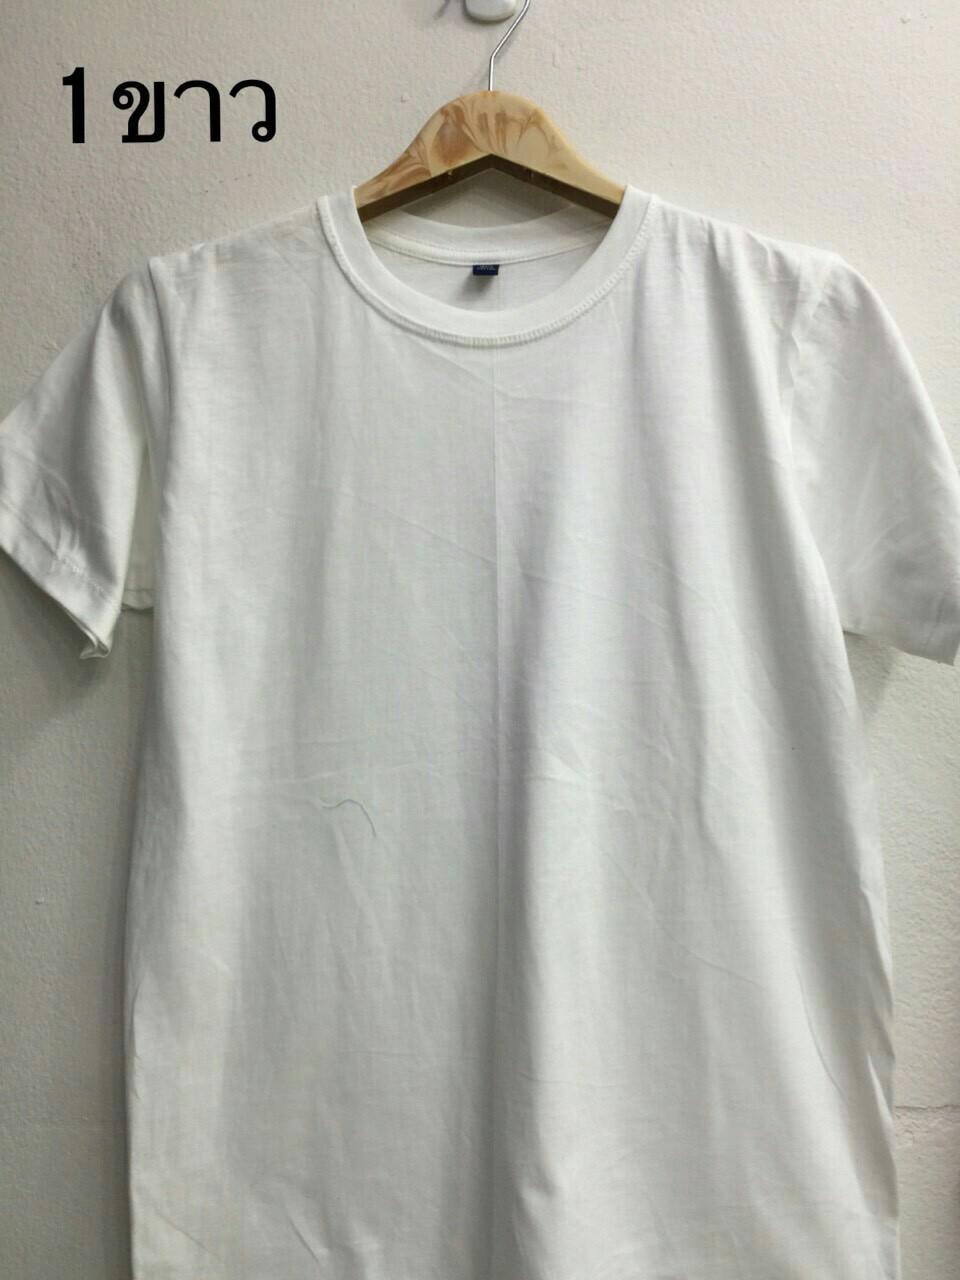 เสื้อ Cotton สีขาว ไซส์ 2XL